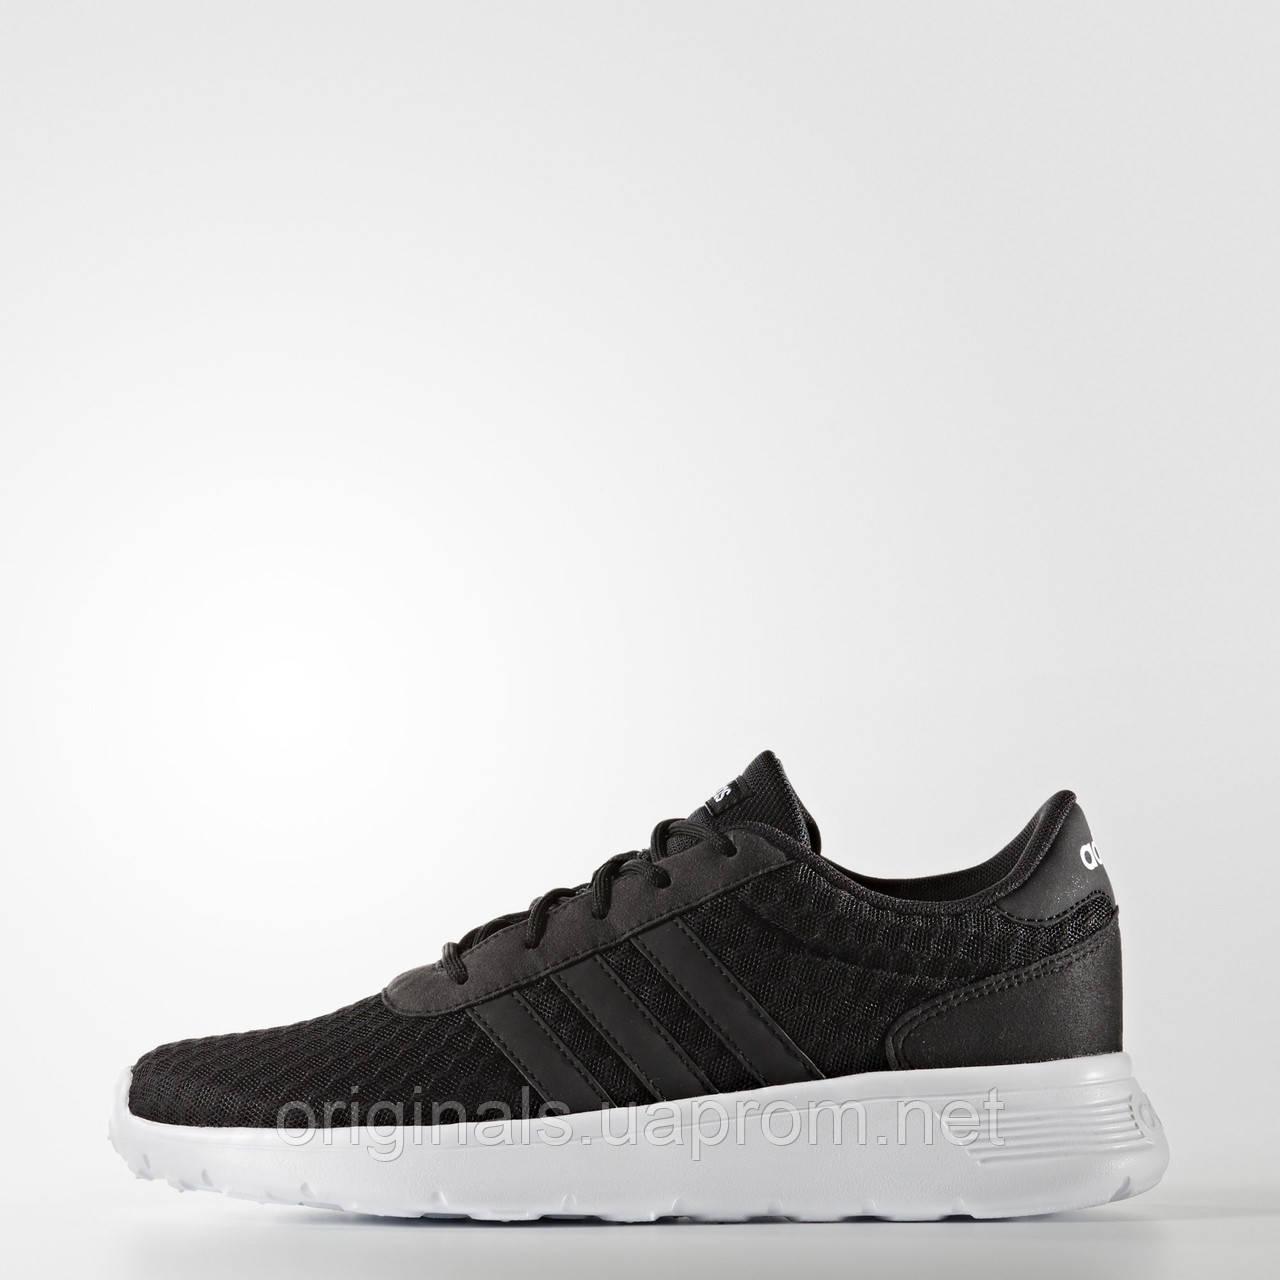 392faa4db Adidas женские кроссовки для повседневной носки Tenis Lite Racer AW4960 -  интернет-магазин Originals -